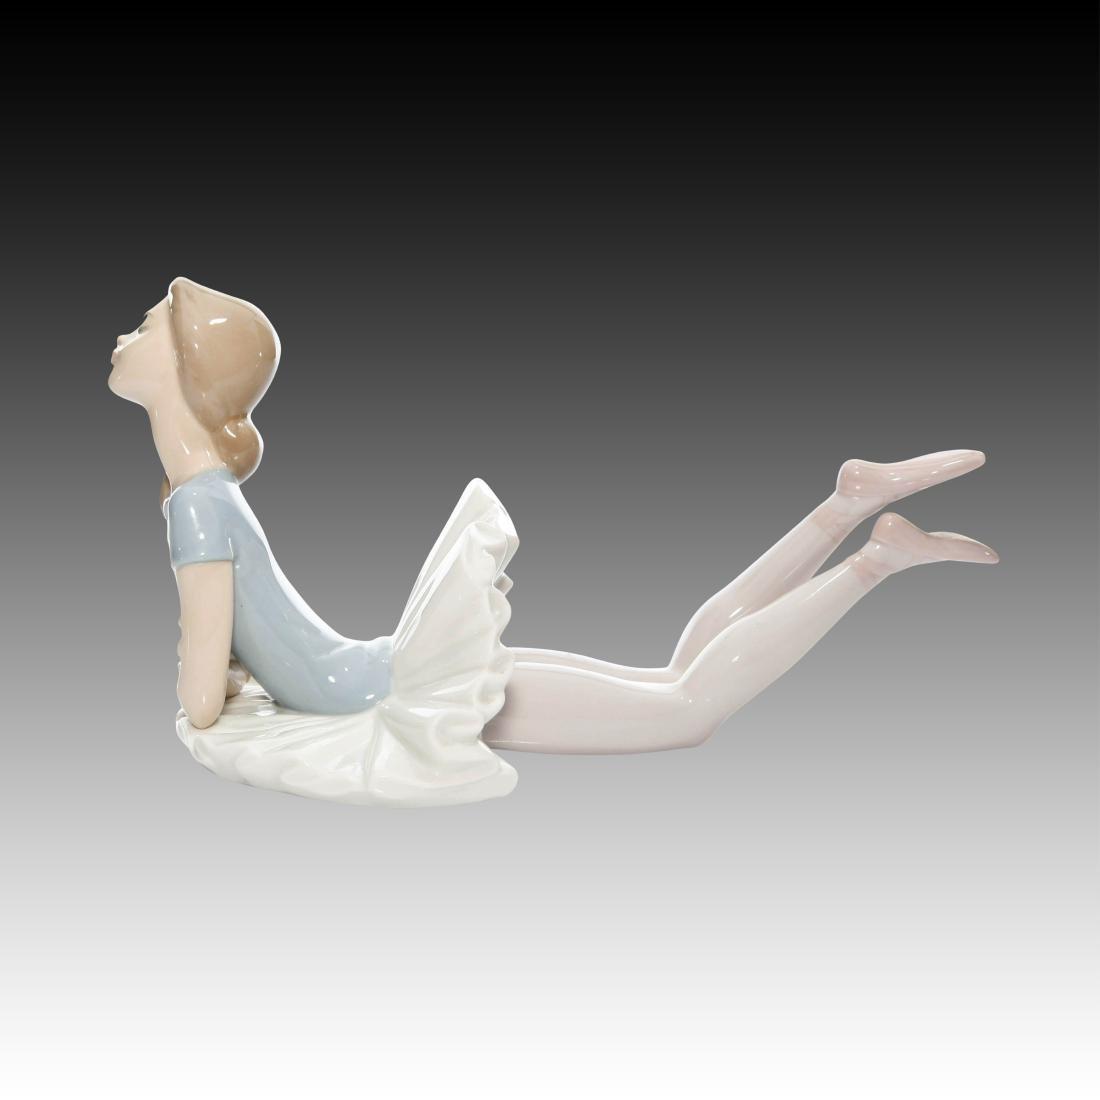 """Lladro Ballerina Dancer Figurine """"Heather"""" # 1359 - 3"""